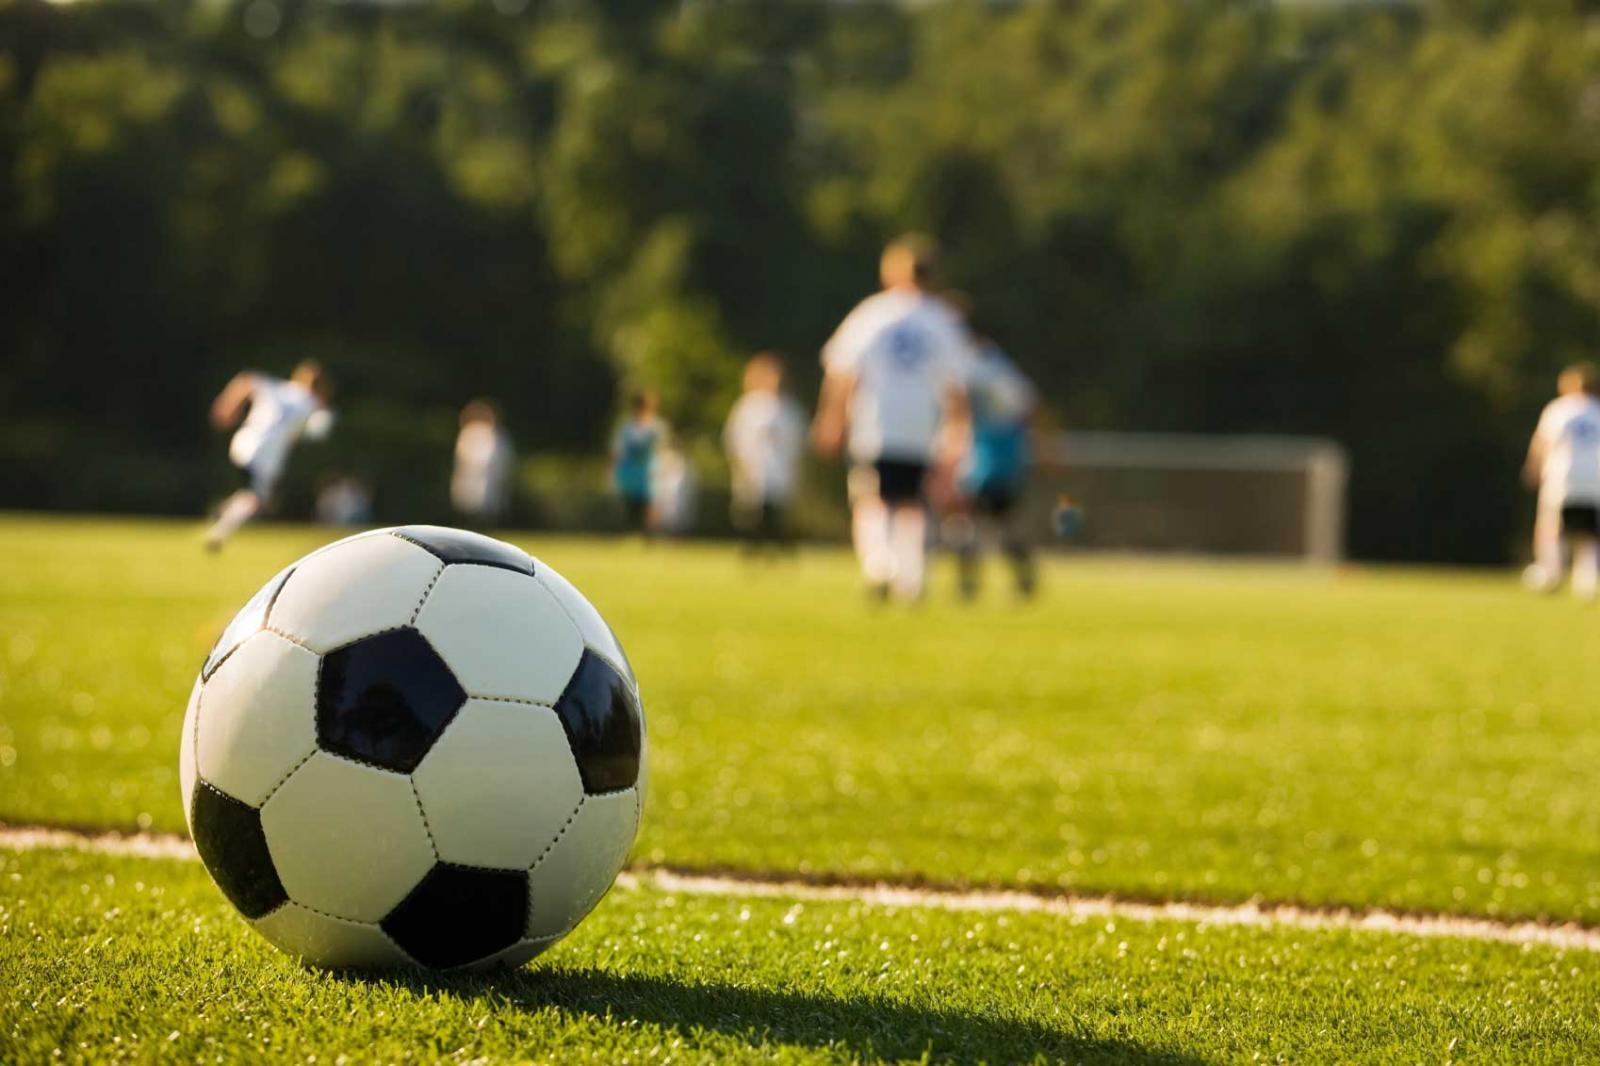 В Брянске состоится корпоративный футбольный турнир в поддержку детей с синдромом Дауна